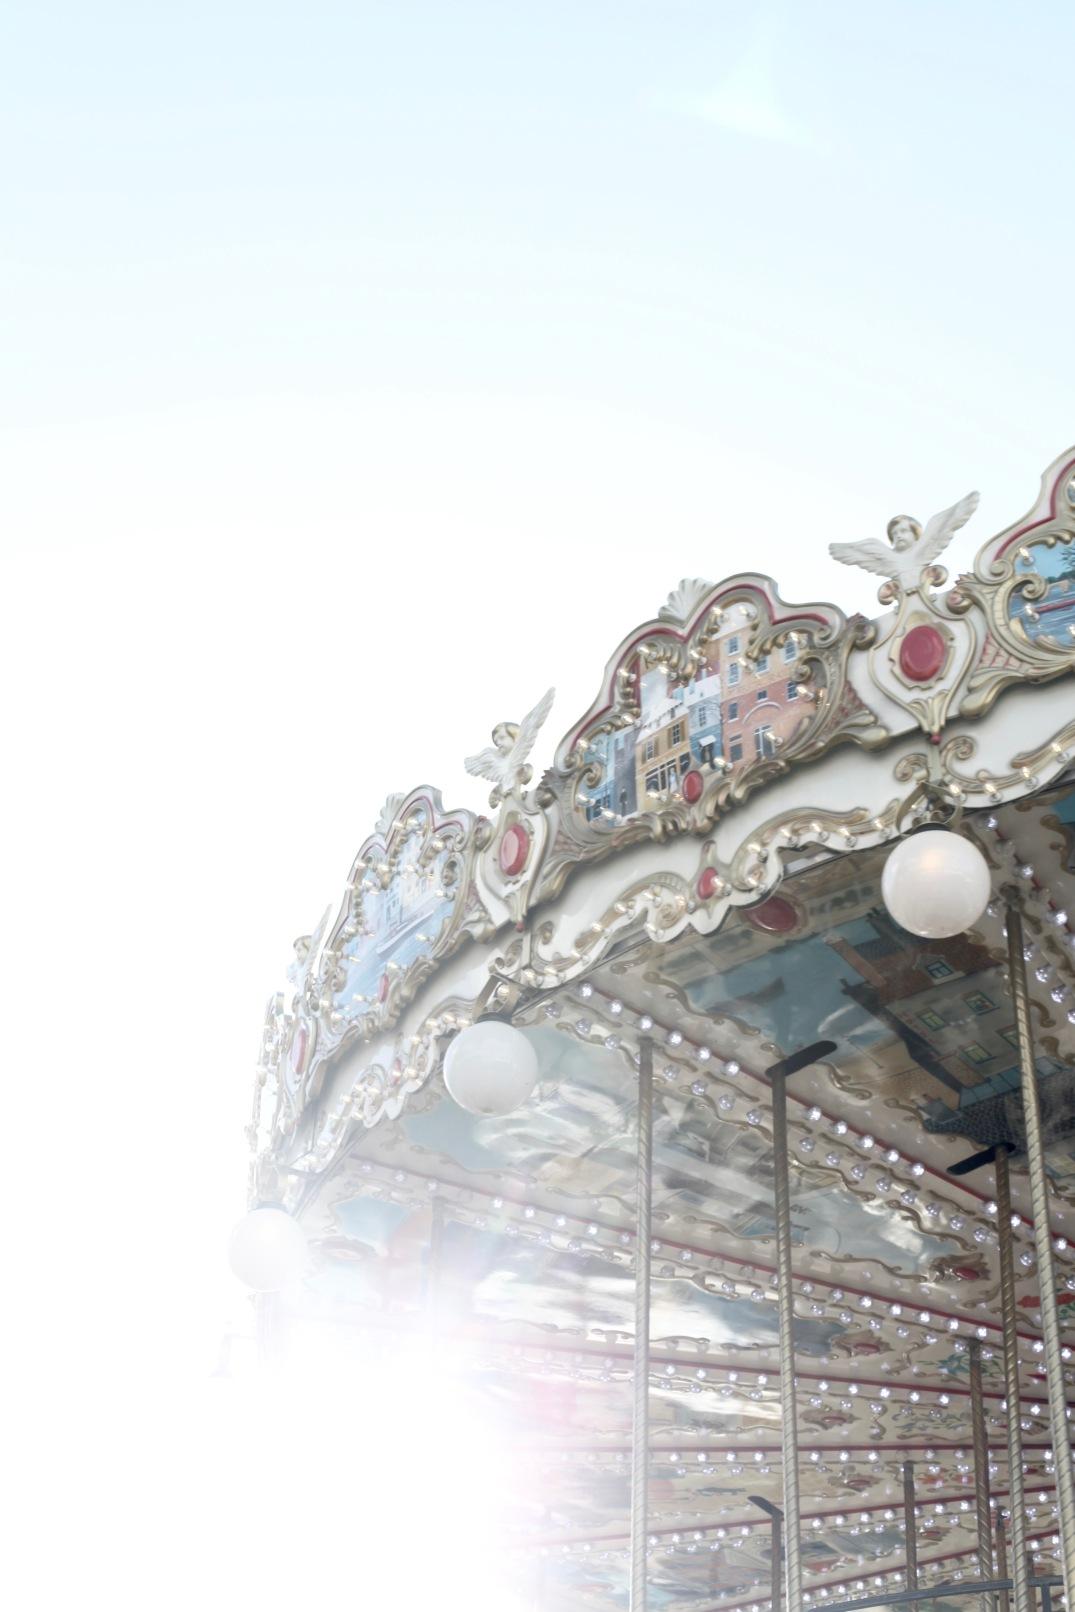 Paris merry-go-round via anastasiabenko.com